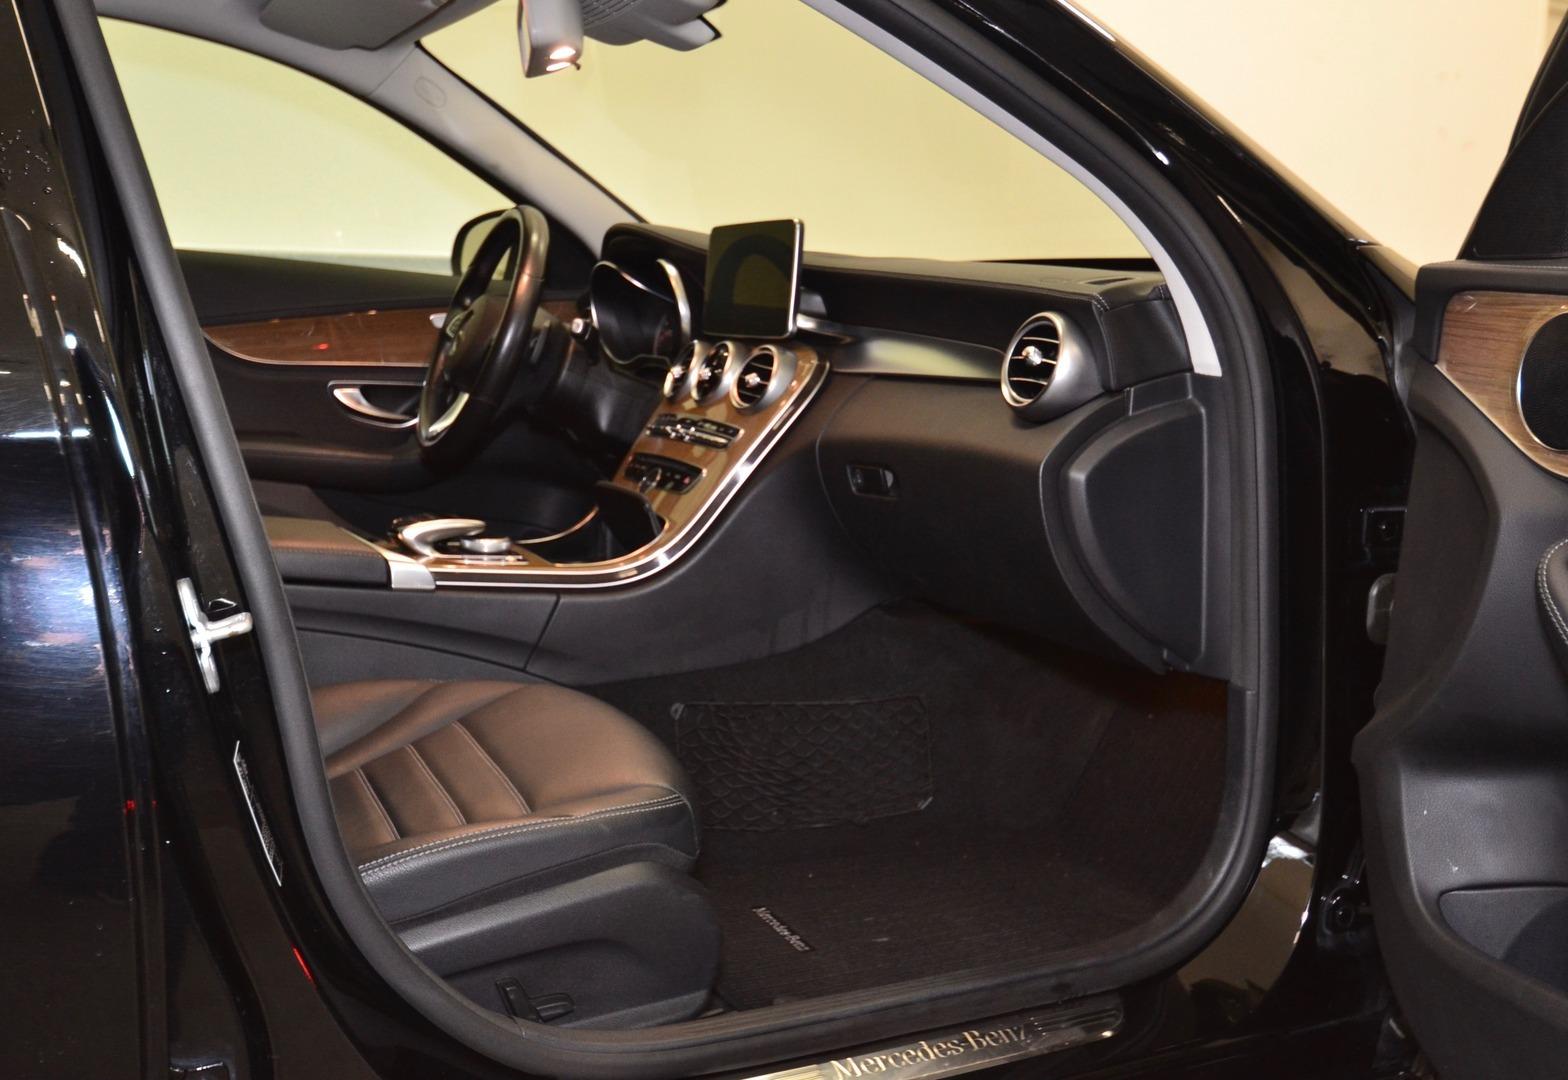 Mercedes-Benz C, 220 CDI BE T A